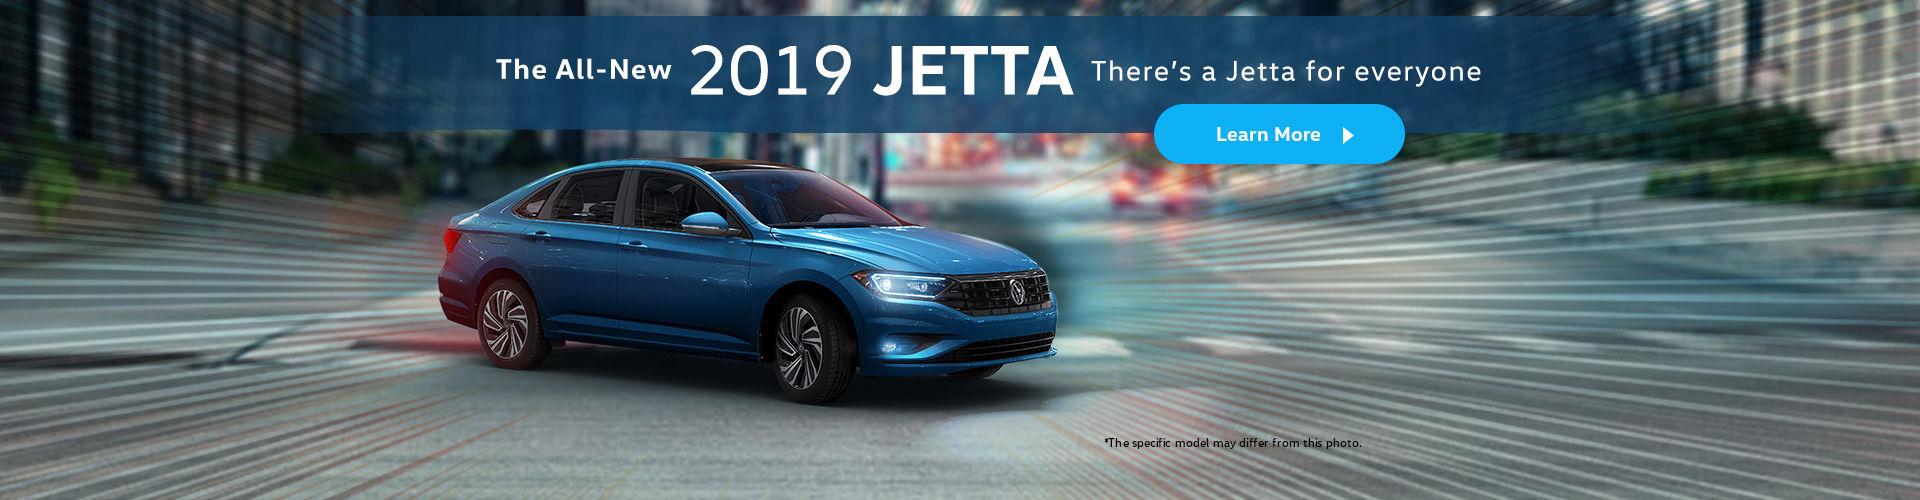 Pre-Order The 2019 Jetta